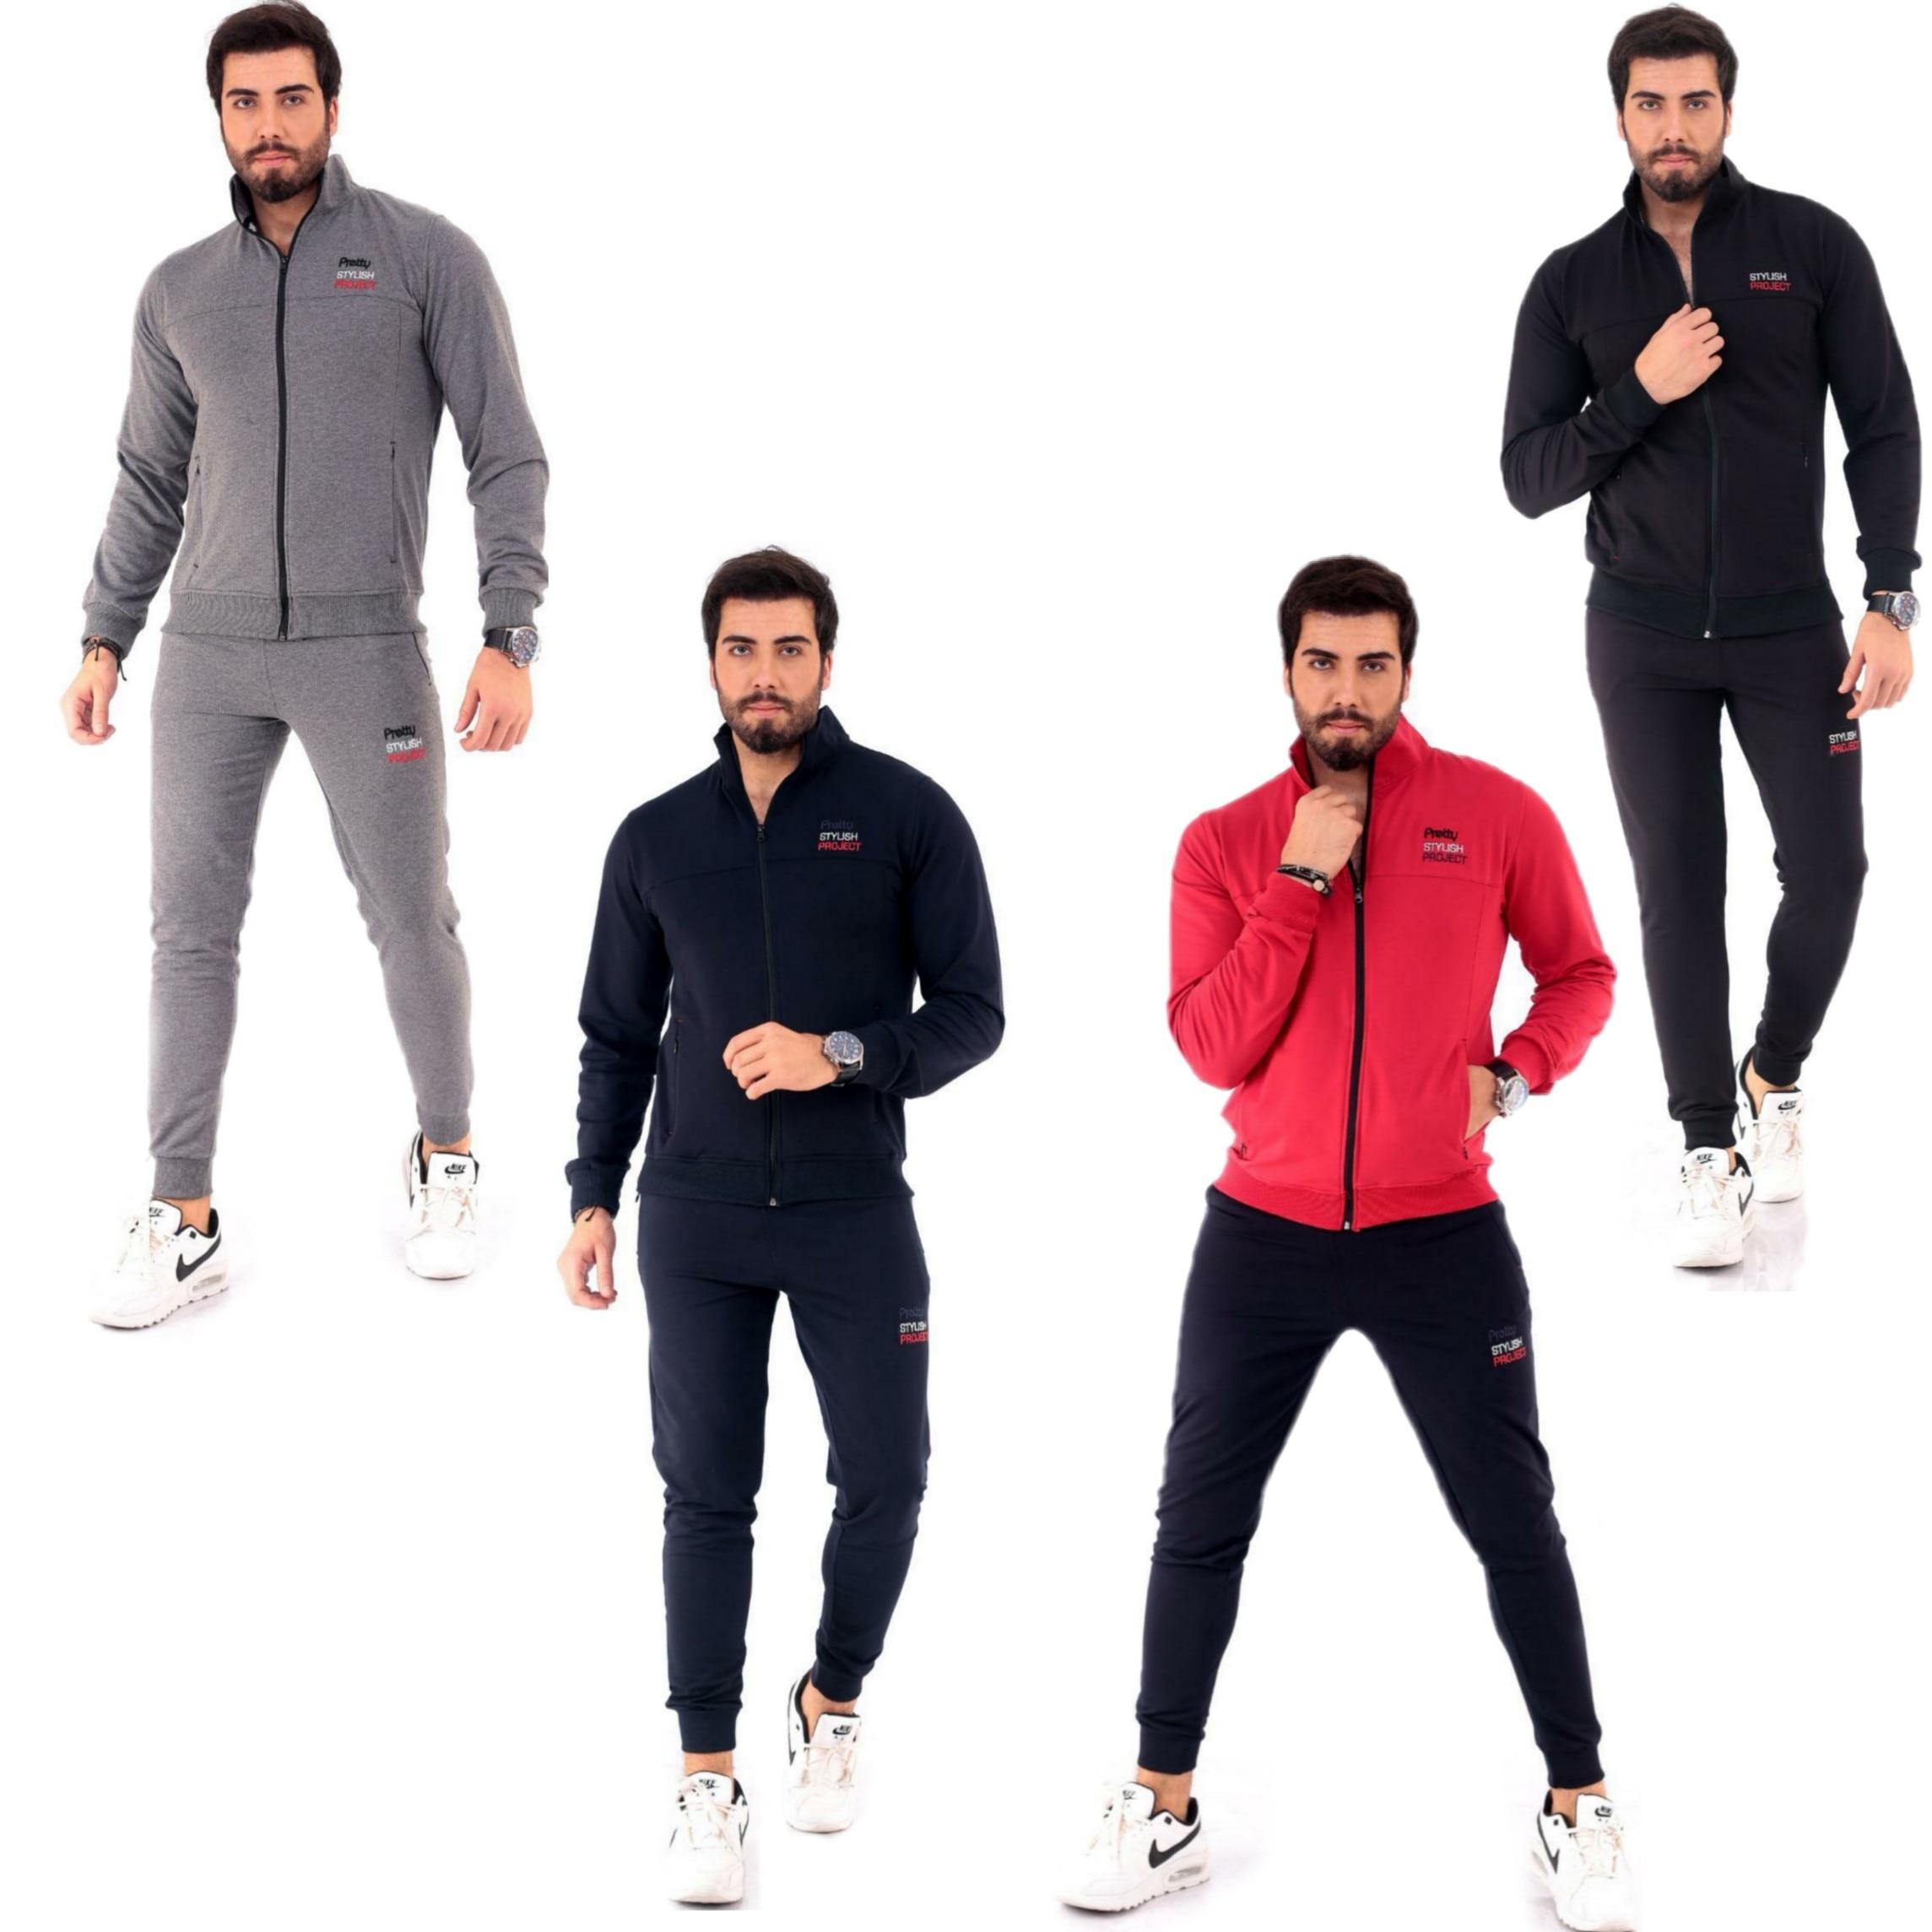 Мужской спортивный костюм, командный Удобный спортивный костюм, спортивная одежда, тренажерные залы 2020, спортивный костюм, спортивный кост